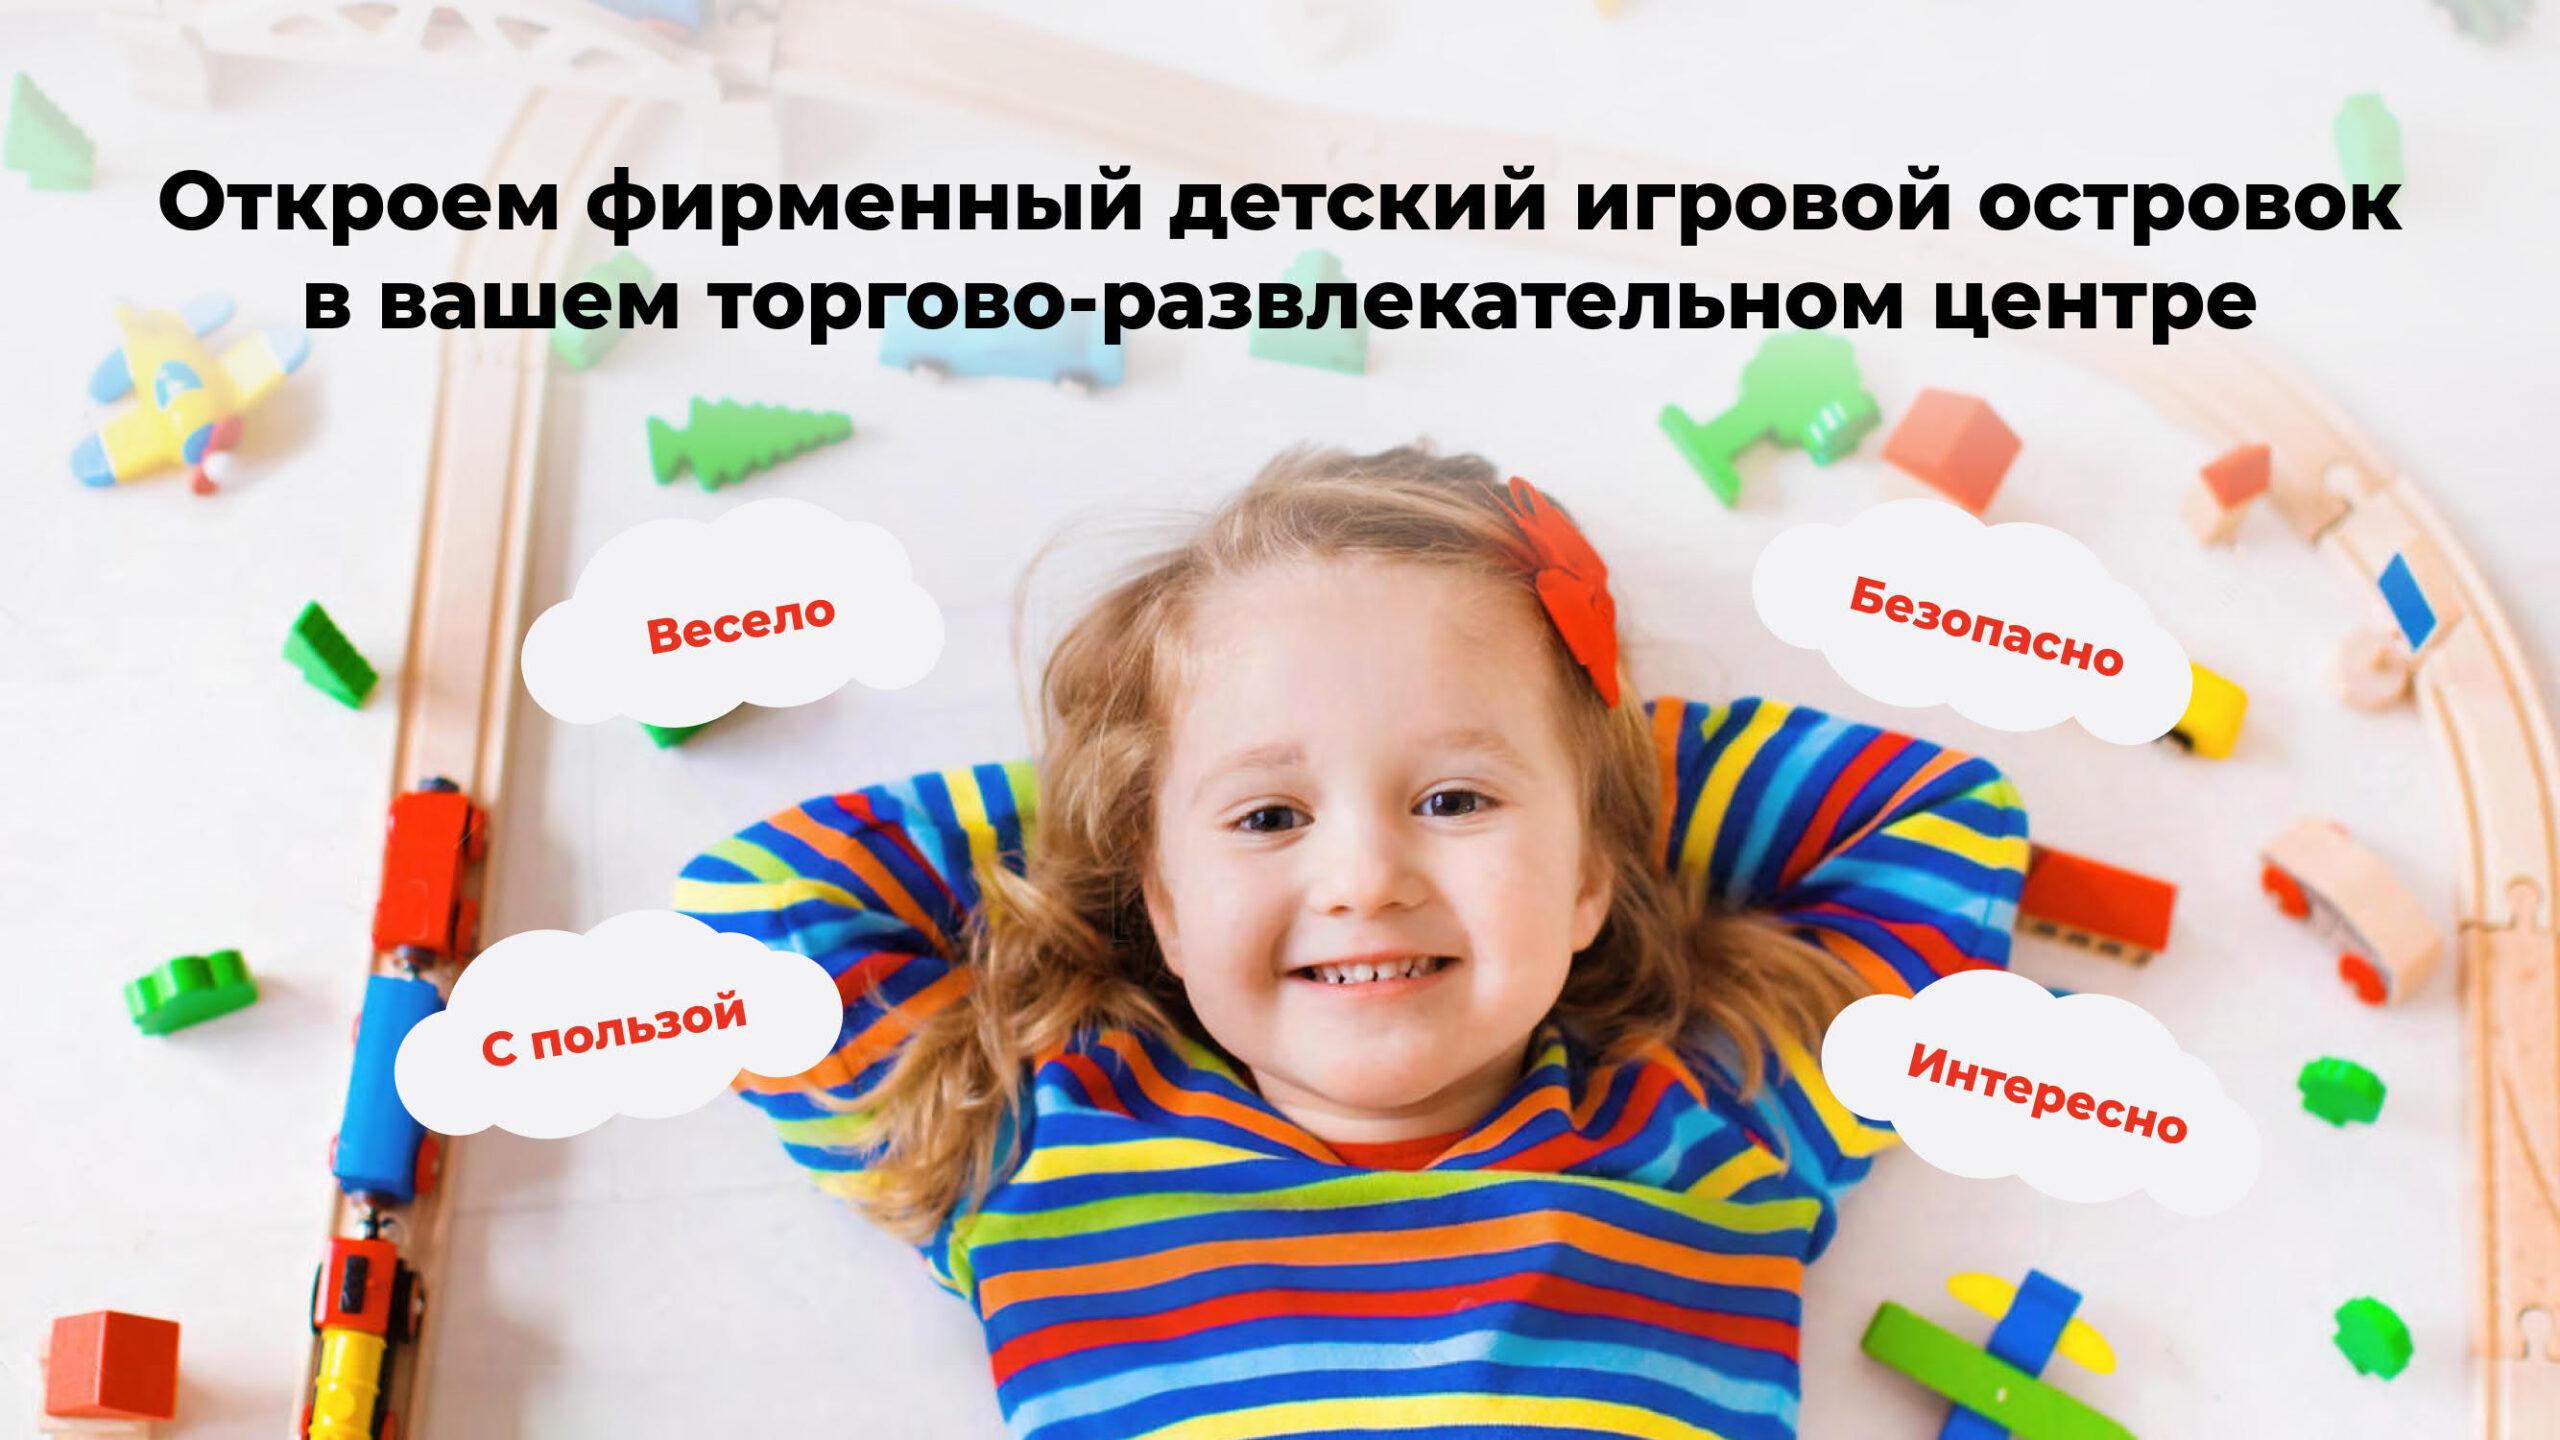 Prezentacija-detskogo-igrovogo-ostrovka-dlja-TRC-torgovo-razvlekatelnyj-centr-trc